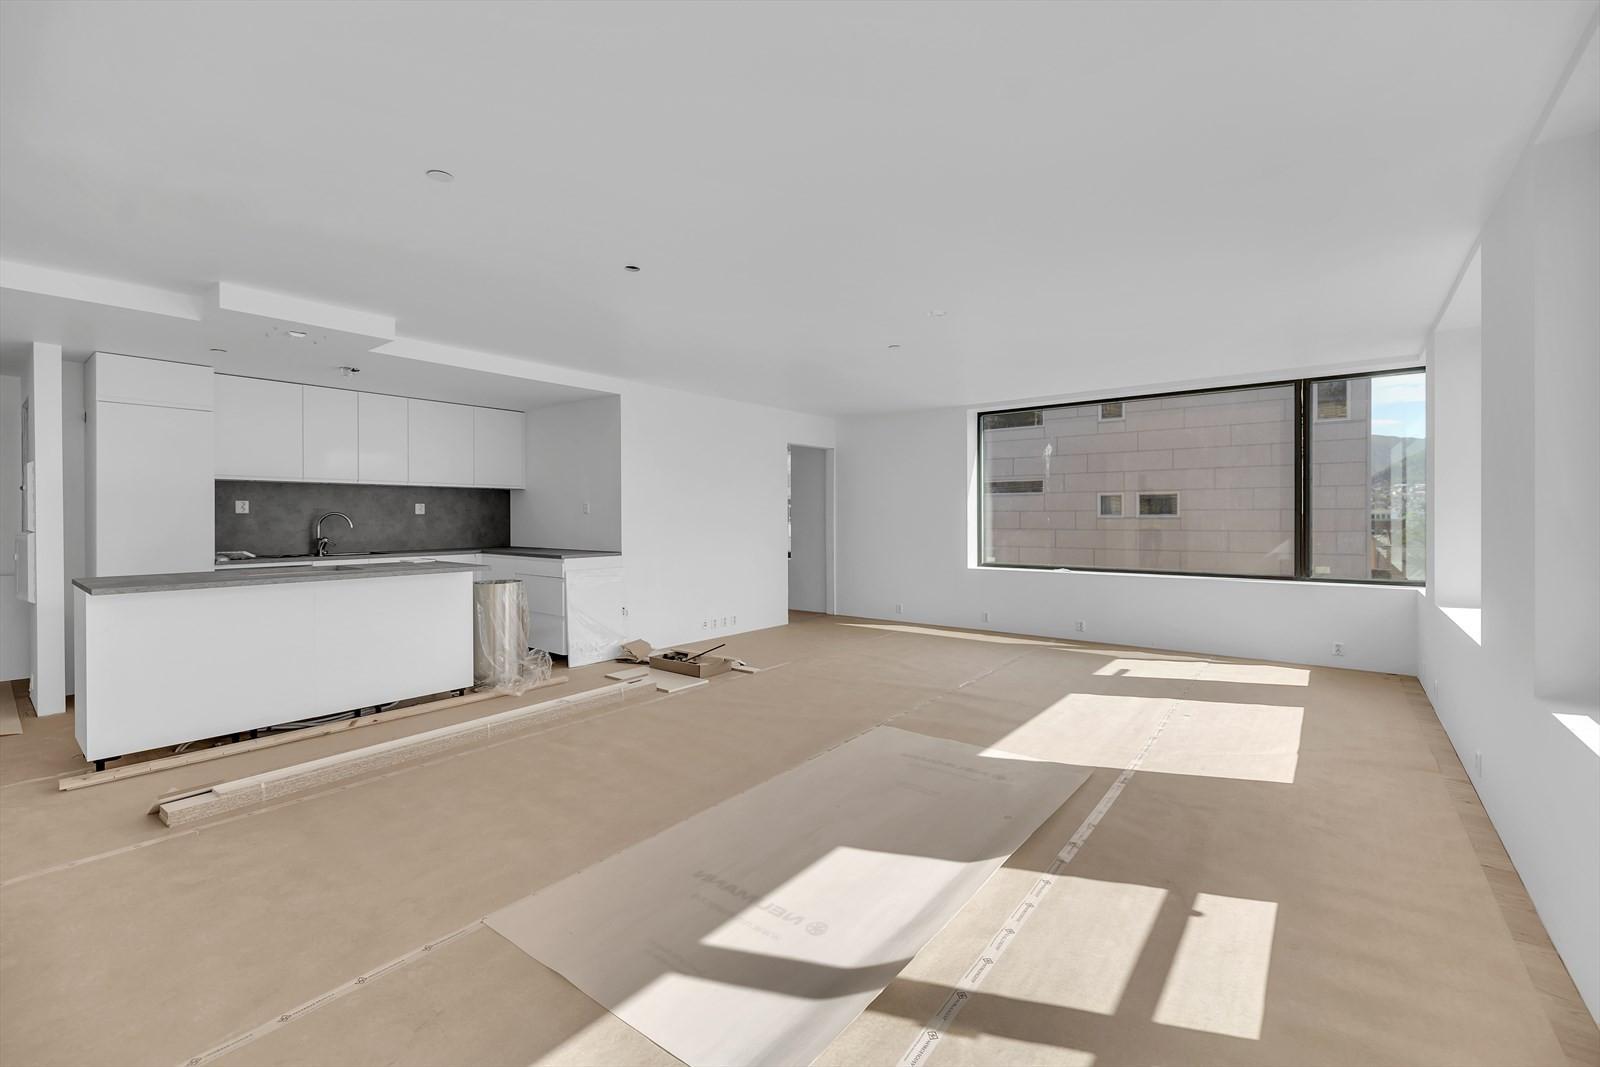 Kjøkken og stue med magiske lysforhold